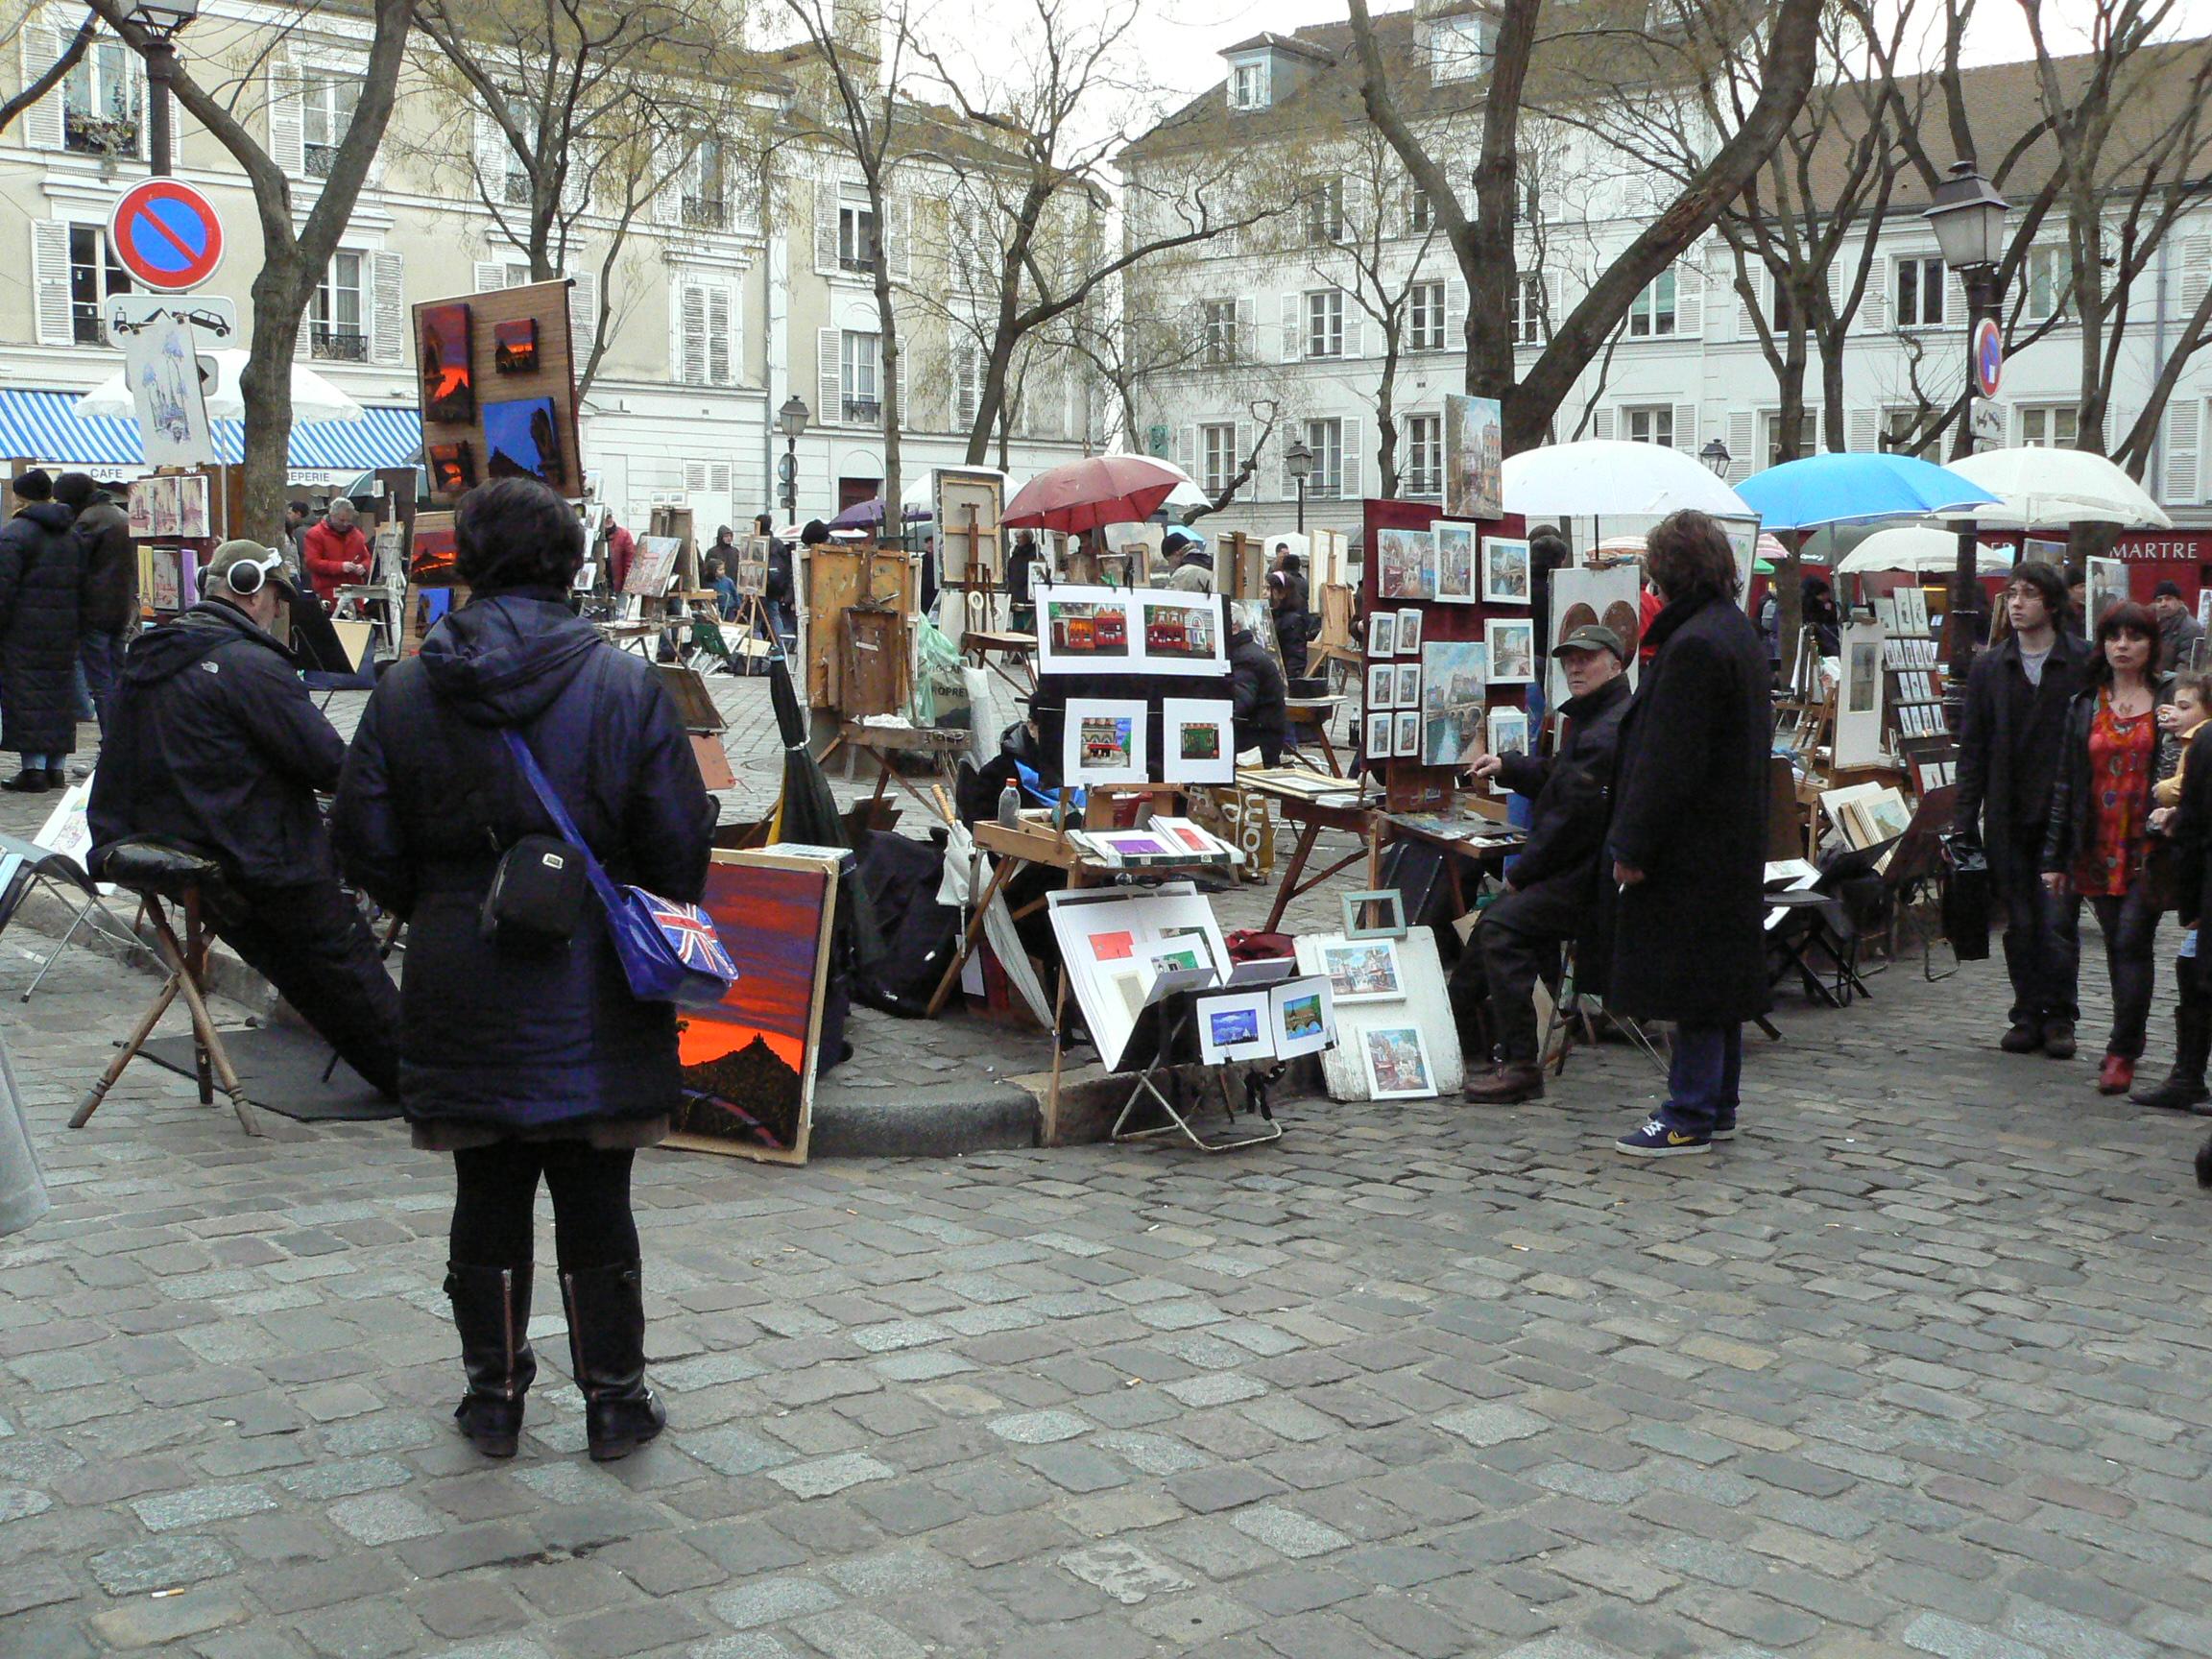 diario di viaggio a parigi giorno 3